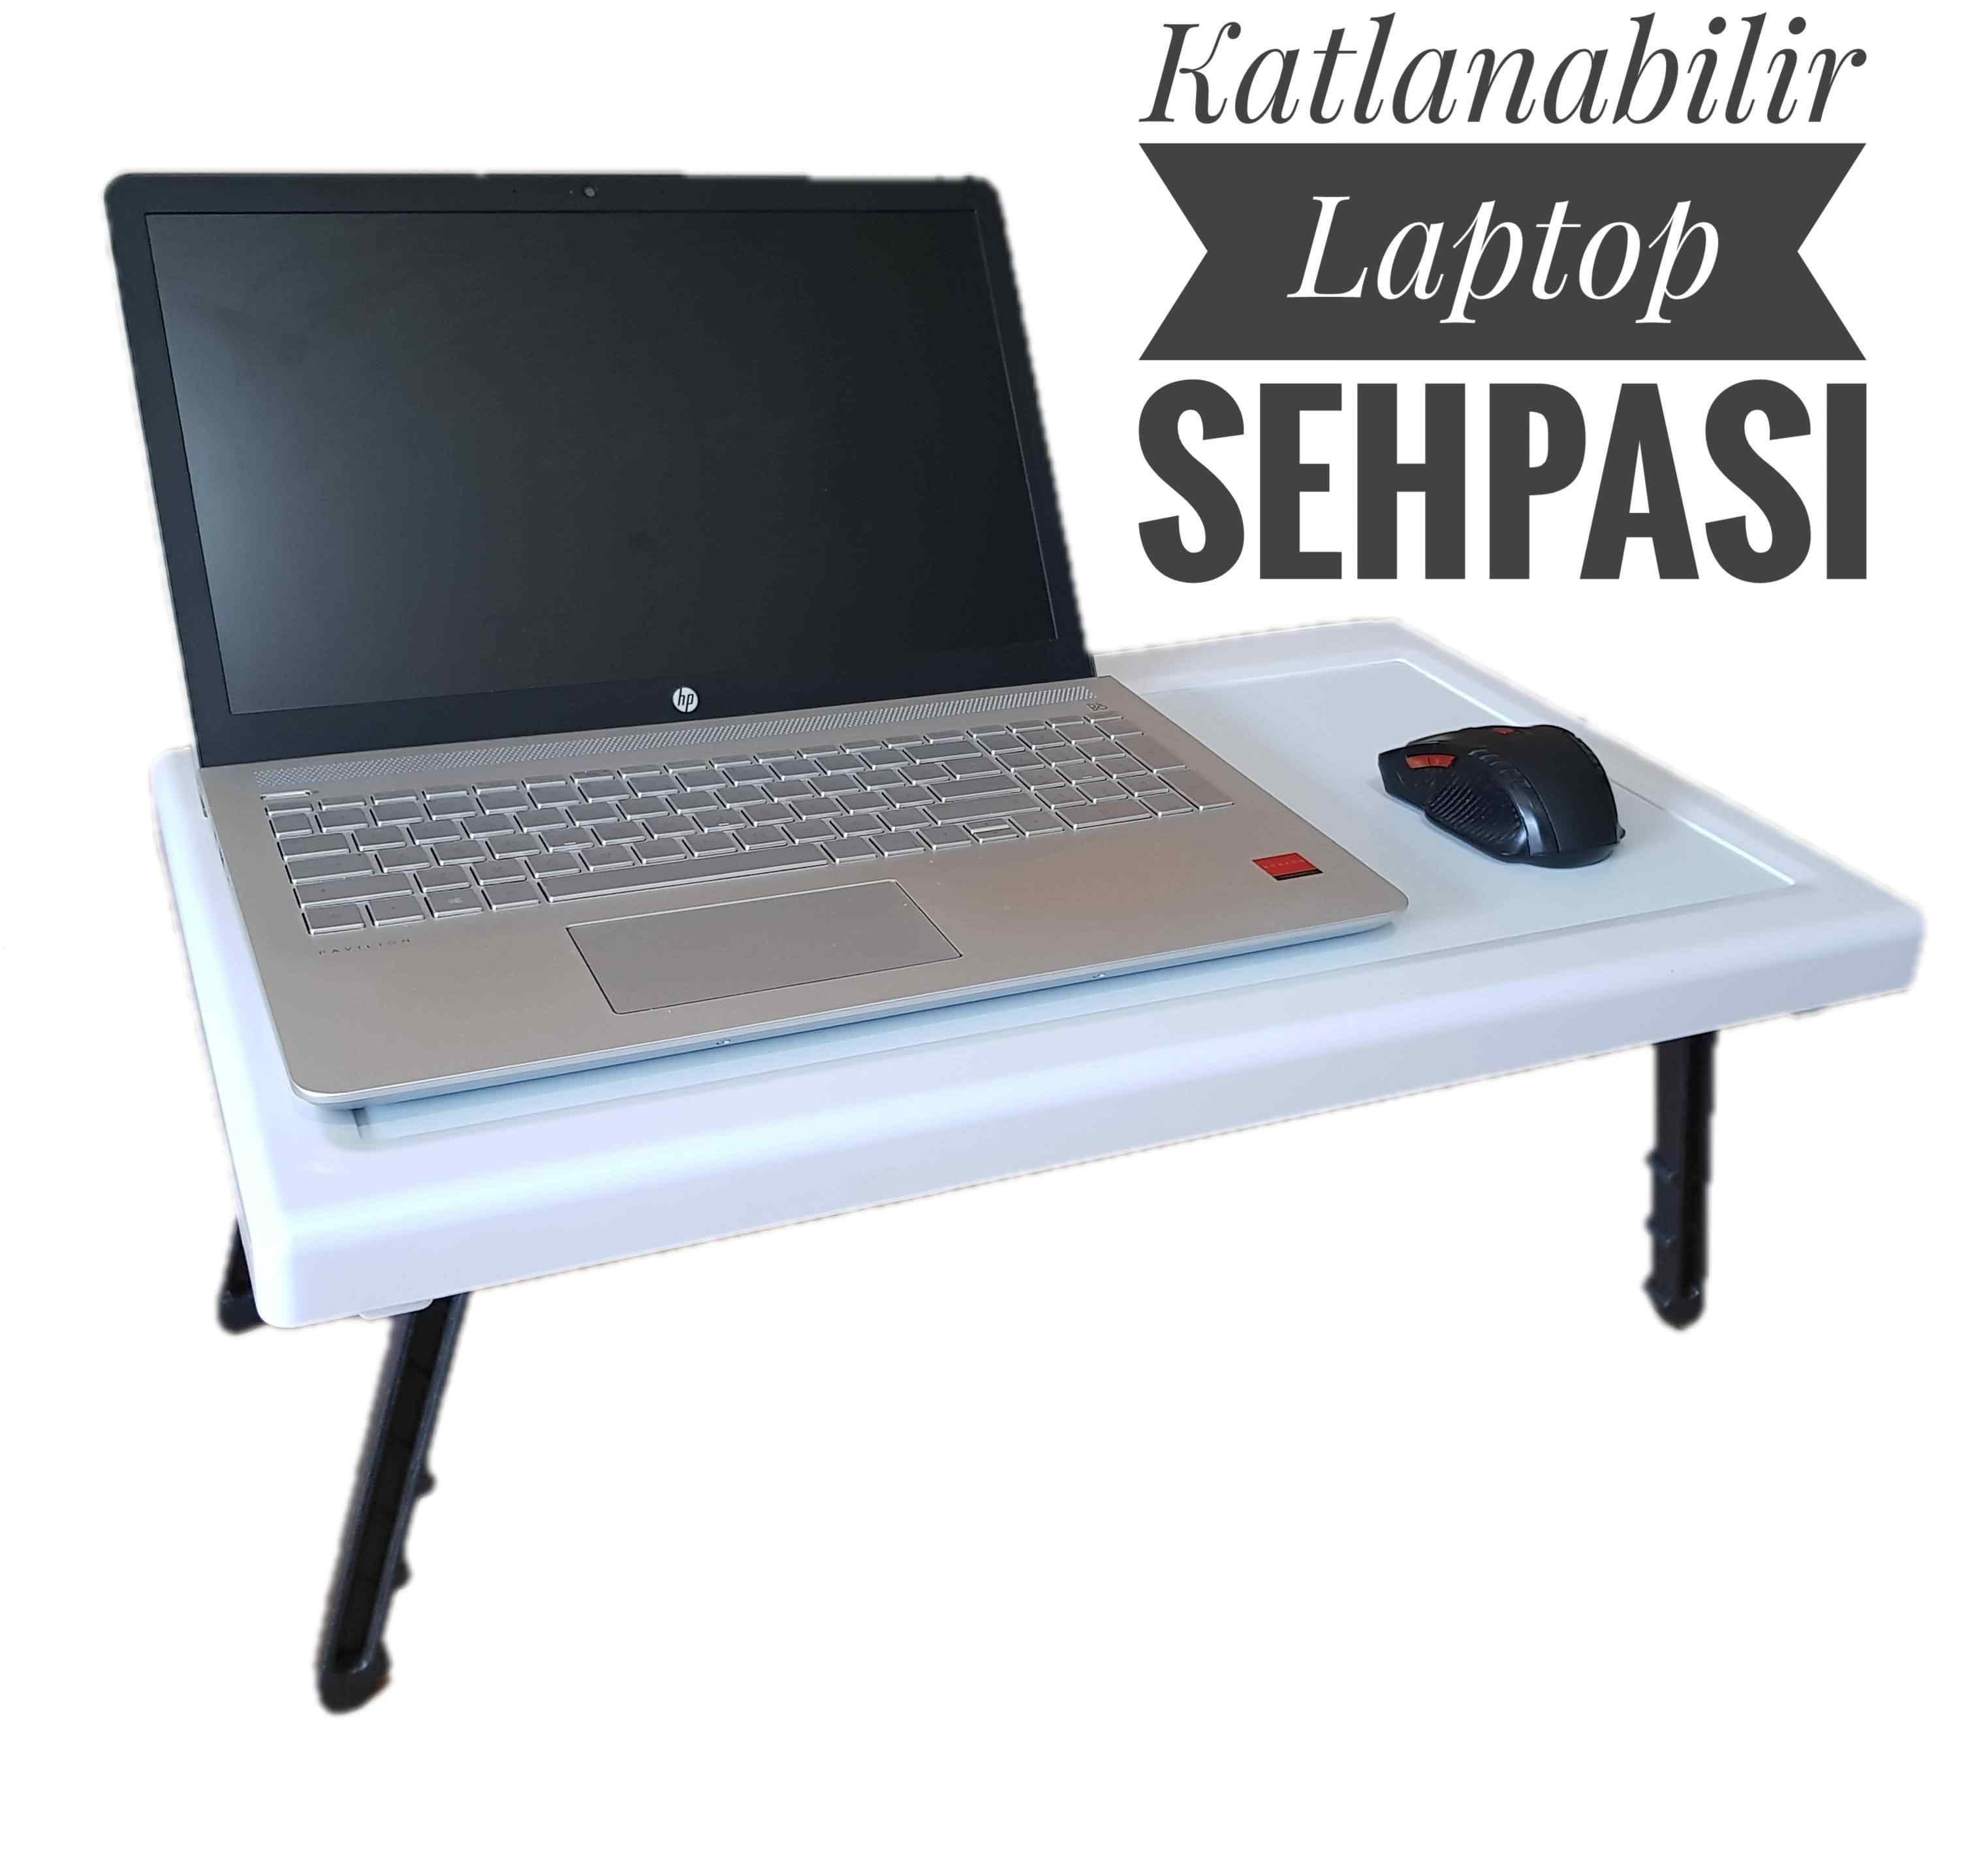 Portatif Laptop Sehpası Katlanır Ayaklı Pratik Sehpa Masa